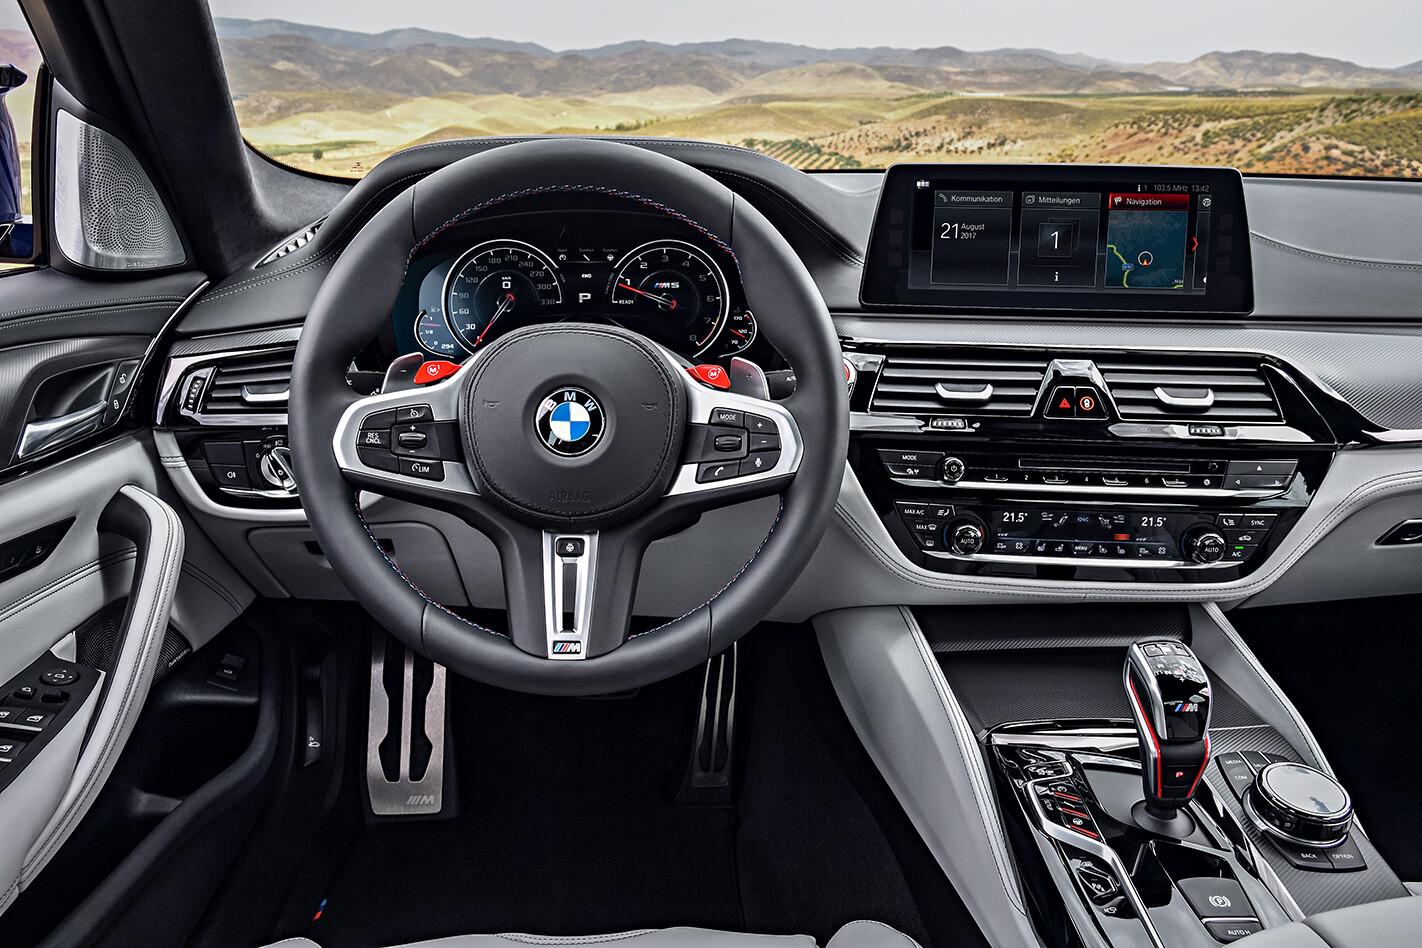 2018 BMW M5 steering wheel